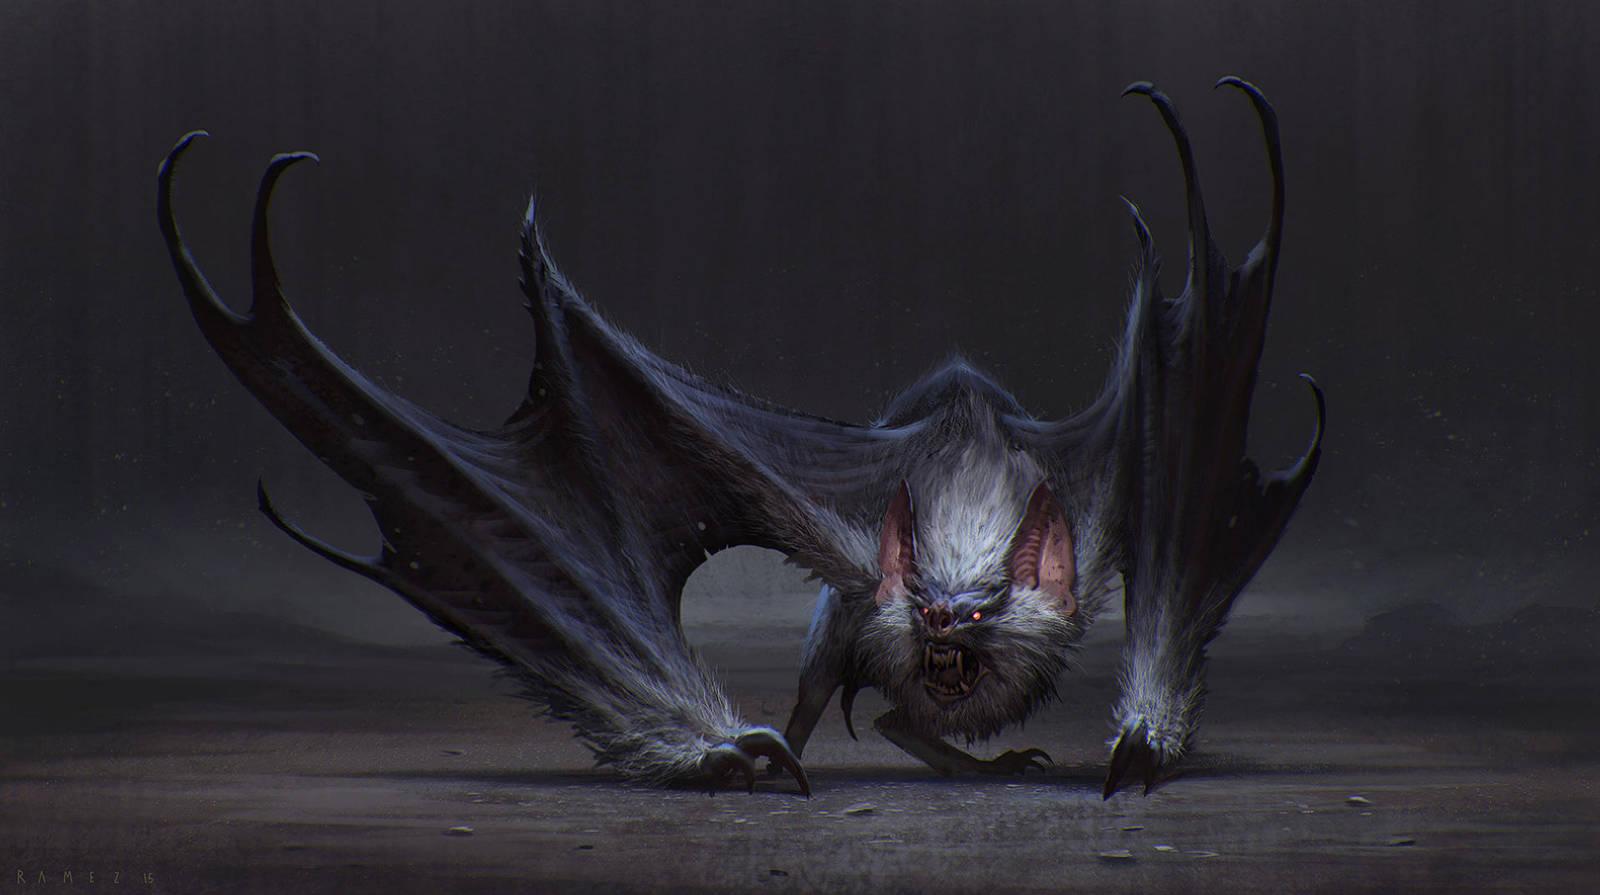 Bat by SaeedRamez